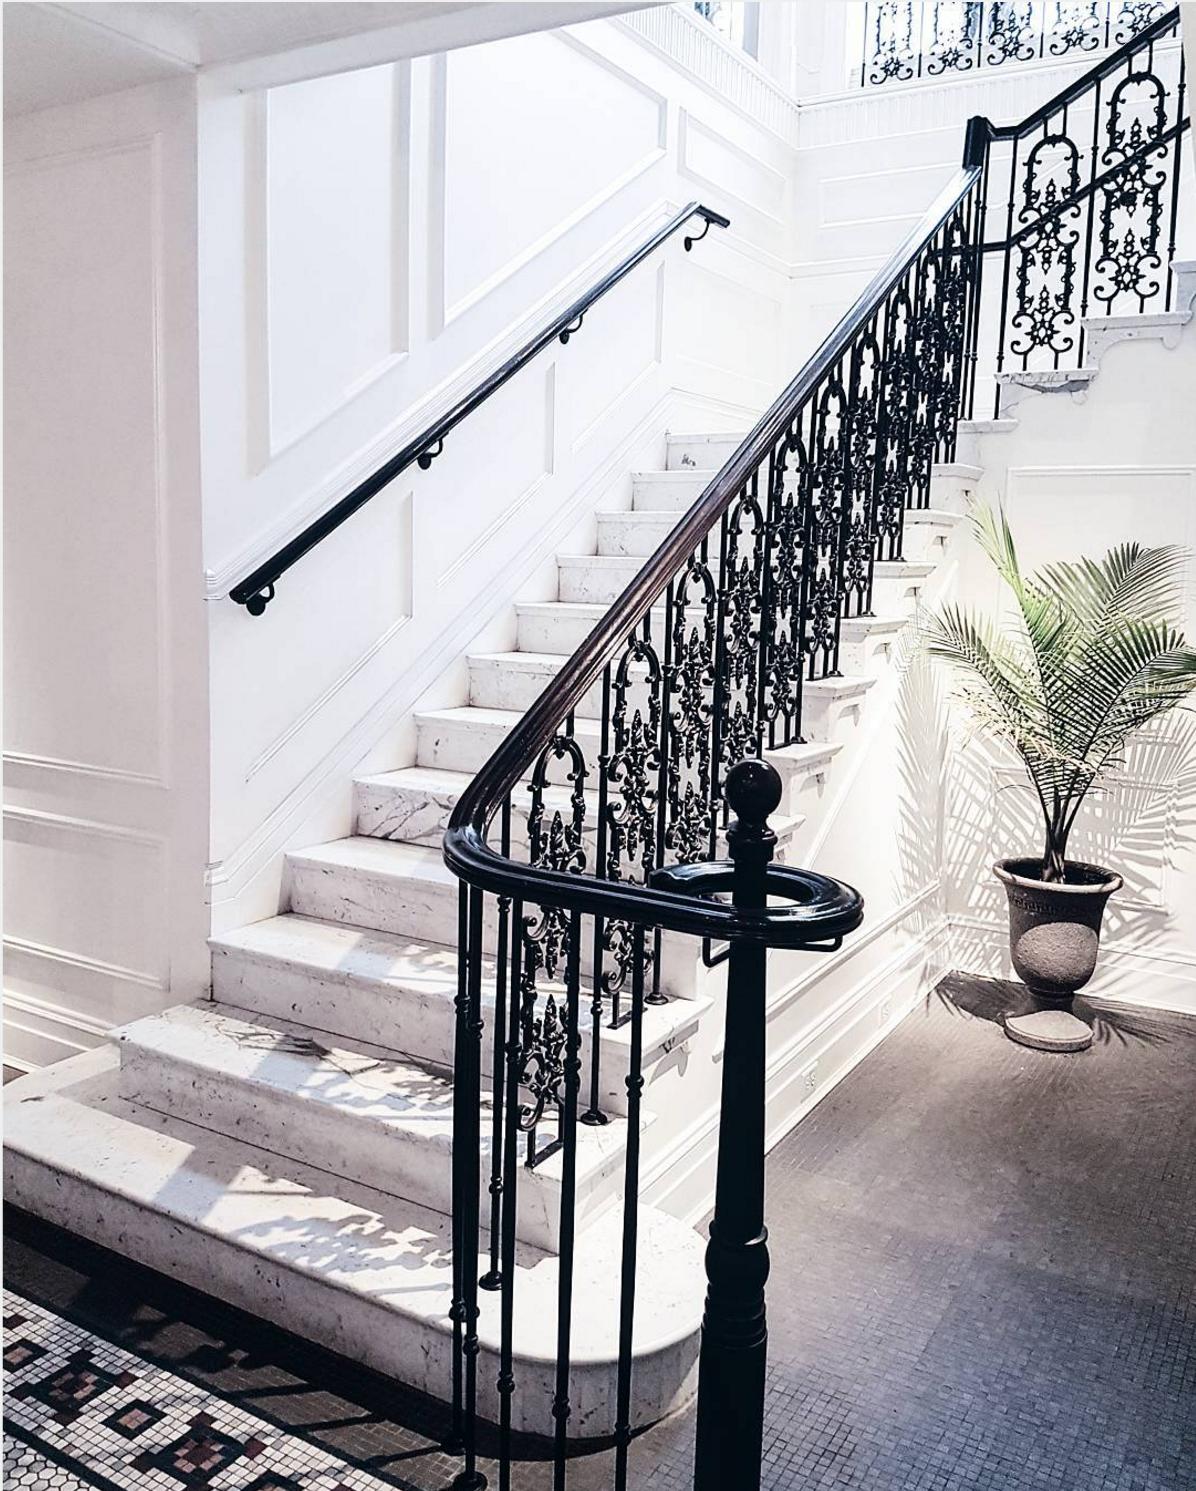 101 planos de casas dise os de una escalera con estilo. Black Bedroom Furniture Sets. Home Design Ideas